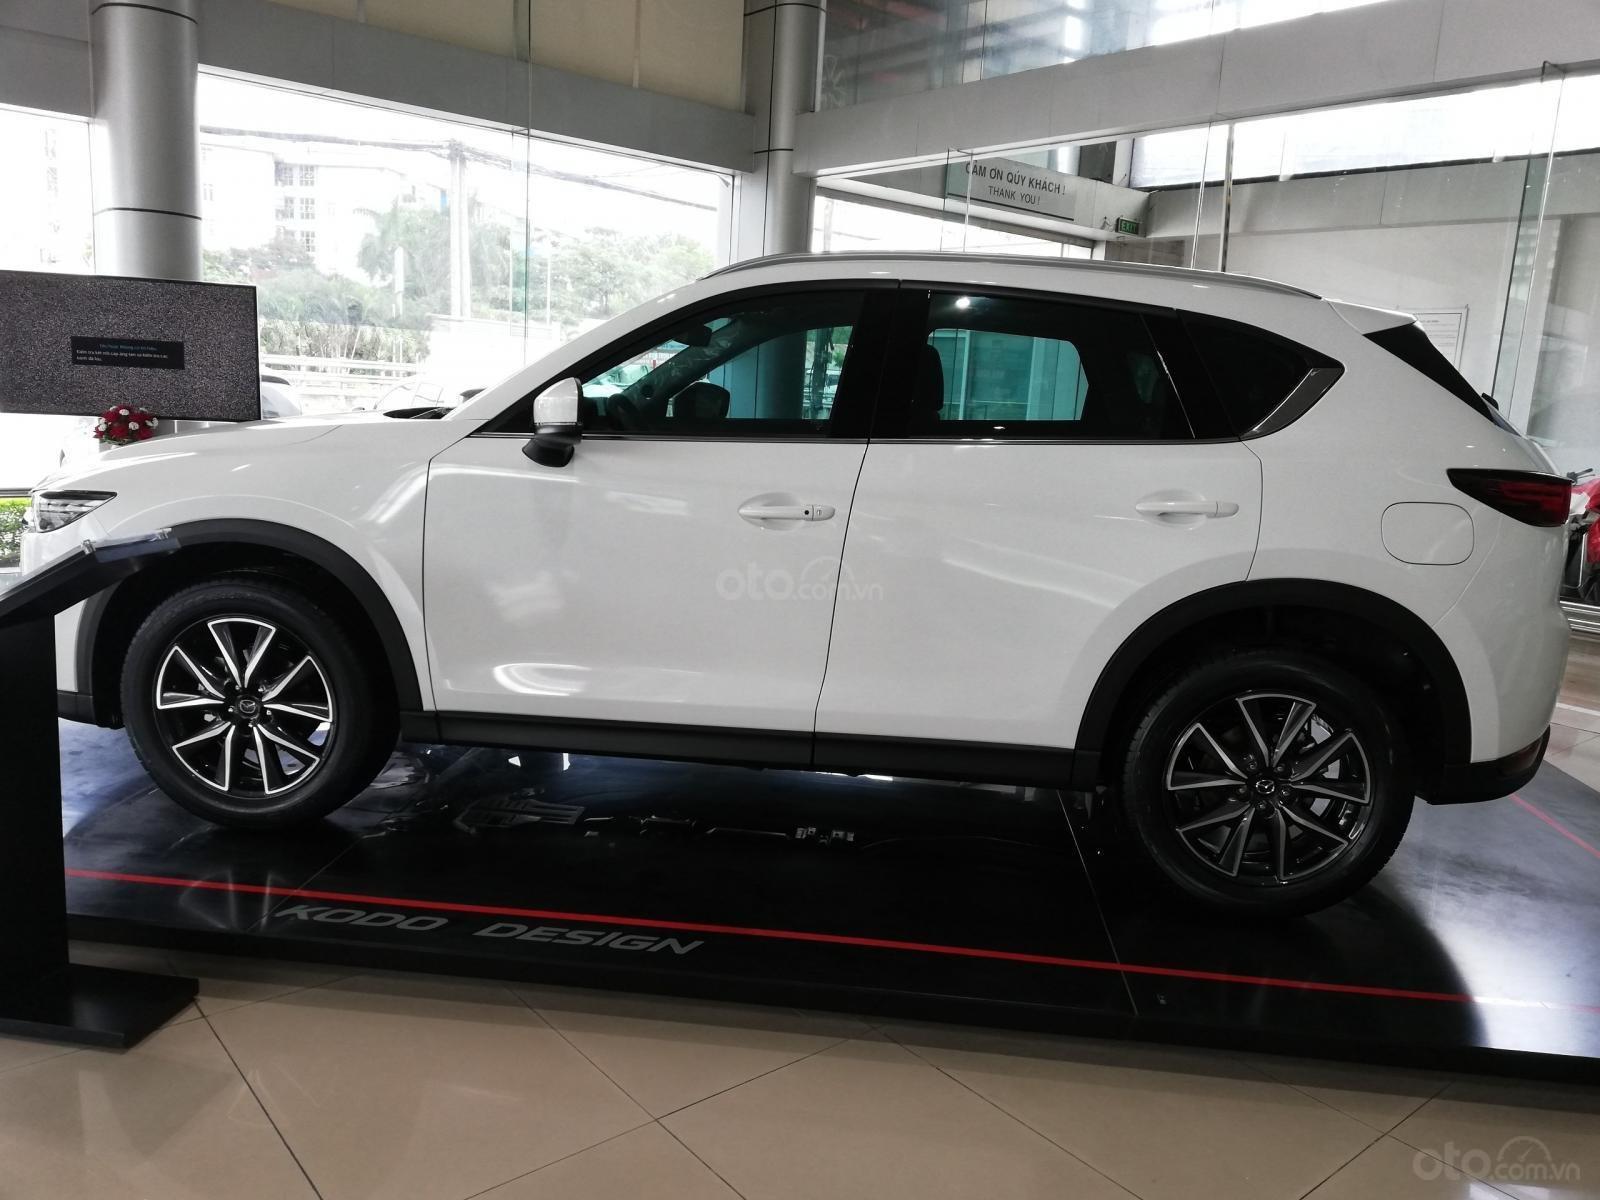 Xe CX5 2.0 2WD giảm 50 triệu và nhiều ưu đãi hấp dẫn-2